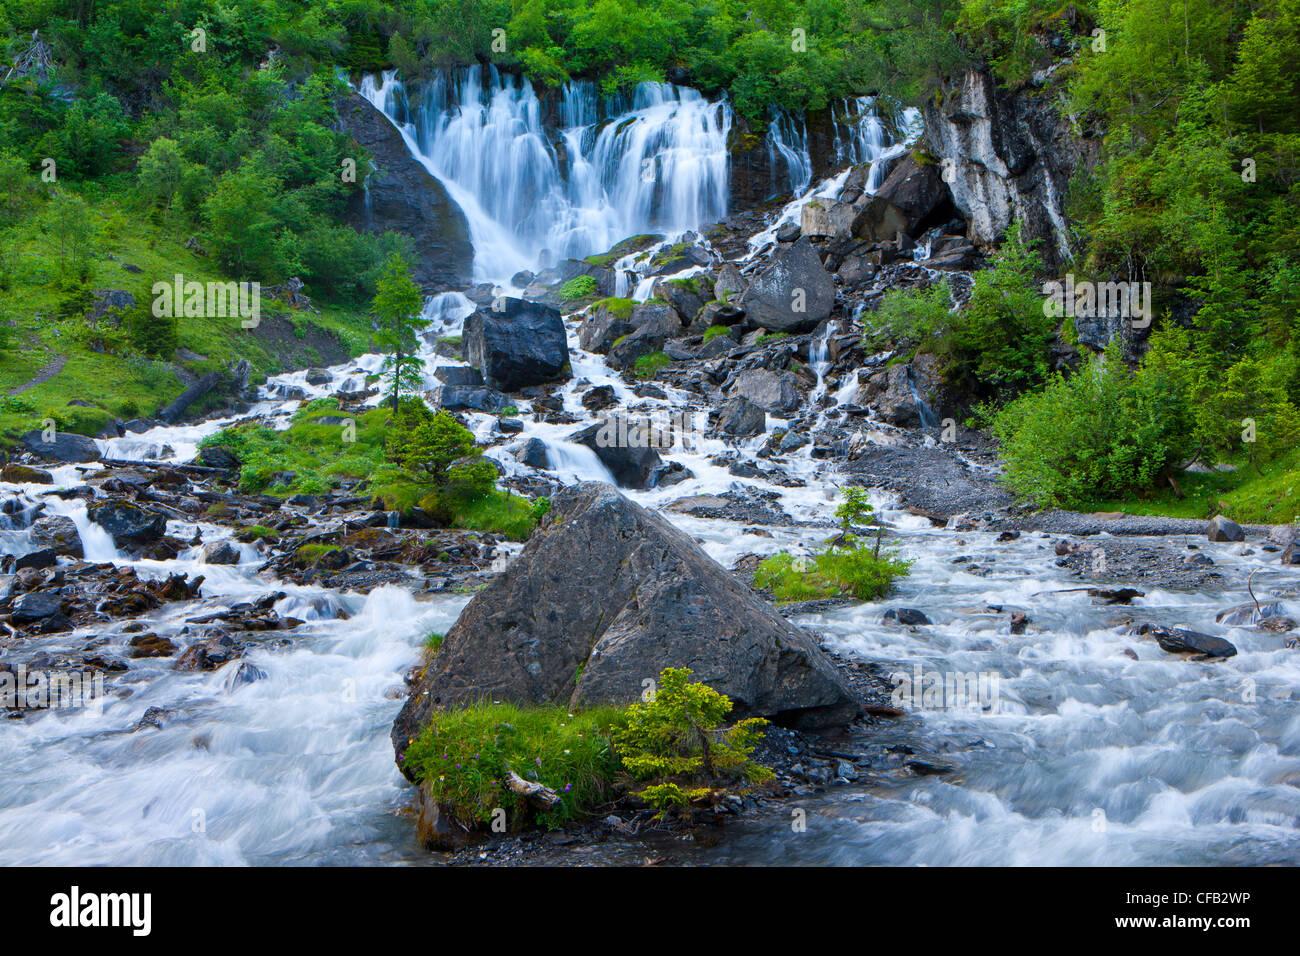 Sieben Brunnen, Sieben Brunnen, Schweiz, Kanton Bern, Berner Oberland, Simmental, Holz, Wald, Frühling, Quelle, Stockbild